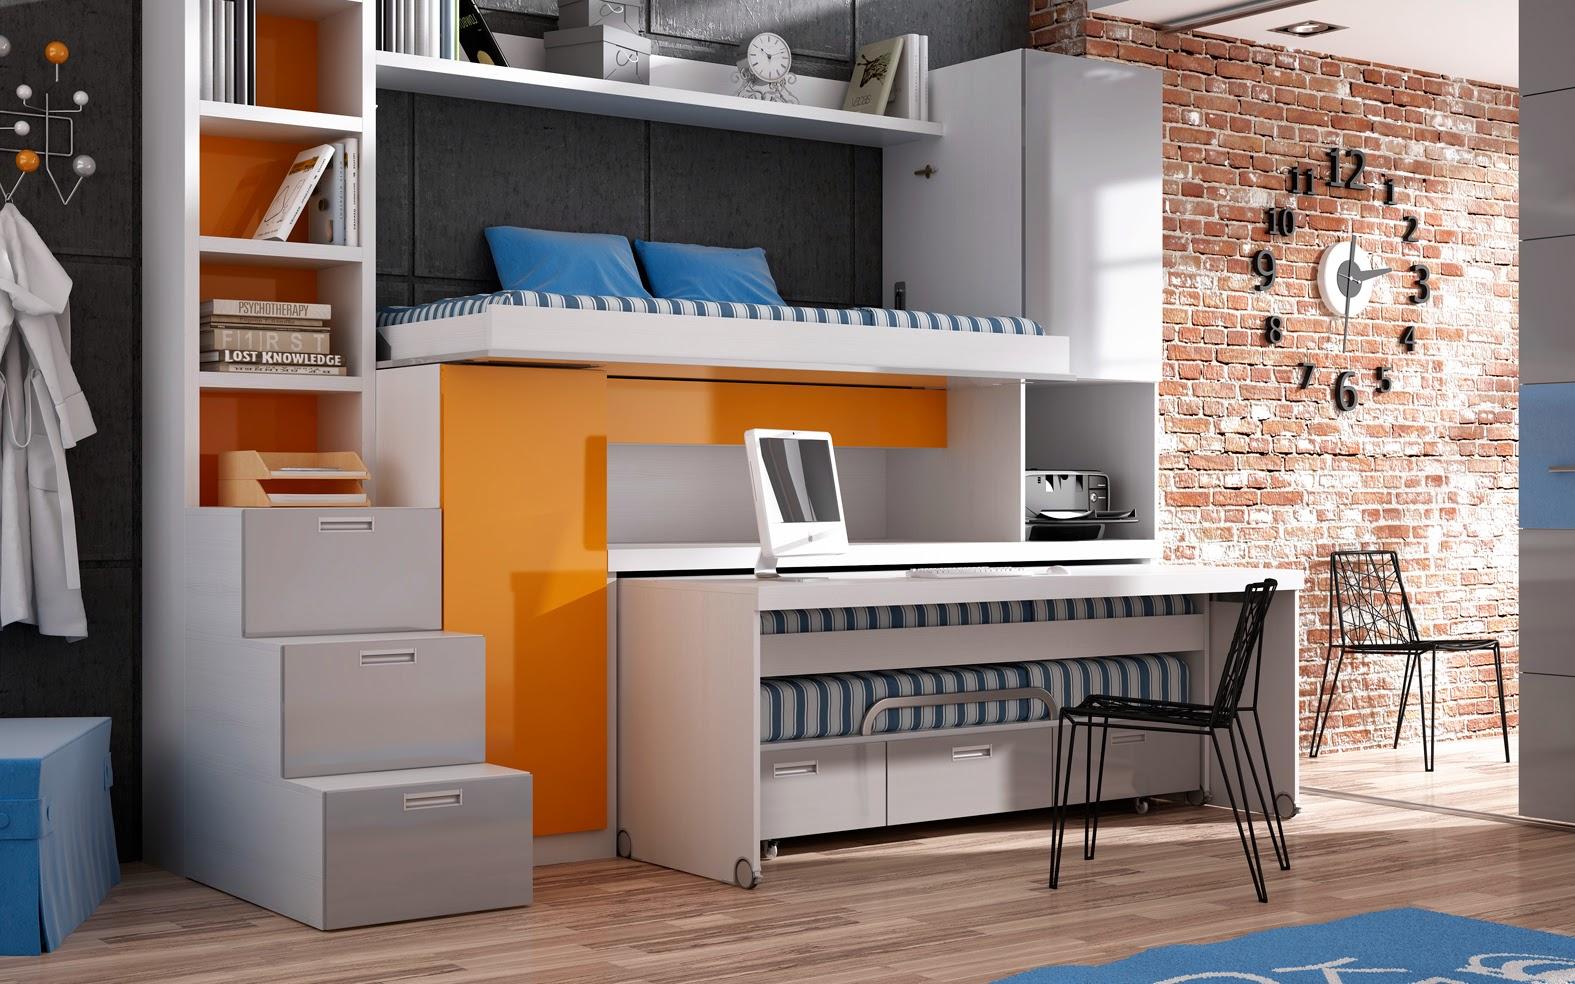 Muebles juveniles dormitorios infantiles y habitaciones juveniles en madrid habitaciones - Muebles infantiles y juveniles ...